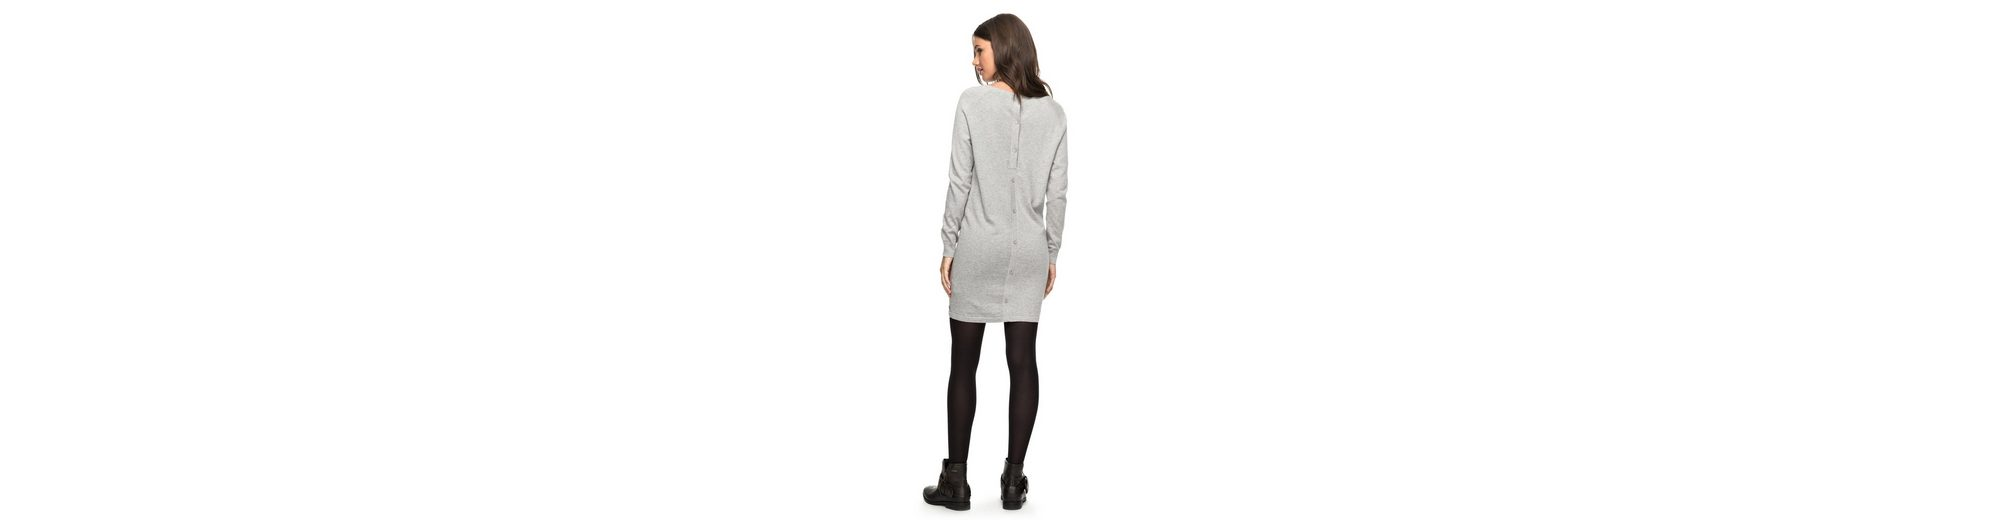 Verkauf Für Schön Spielfrei Versand Roxy Langarm-Kleid mit Knopfleiste Winter Story Marktfähig Mode Online-Verkauf N4tEprY